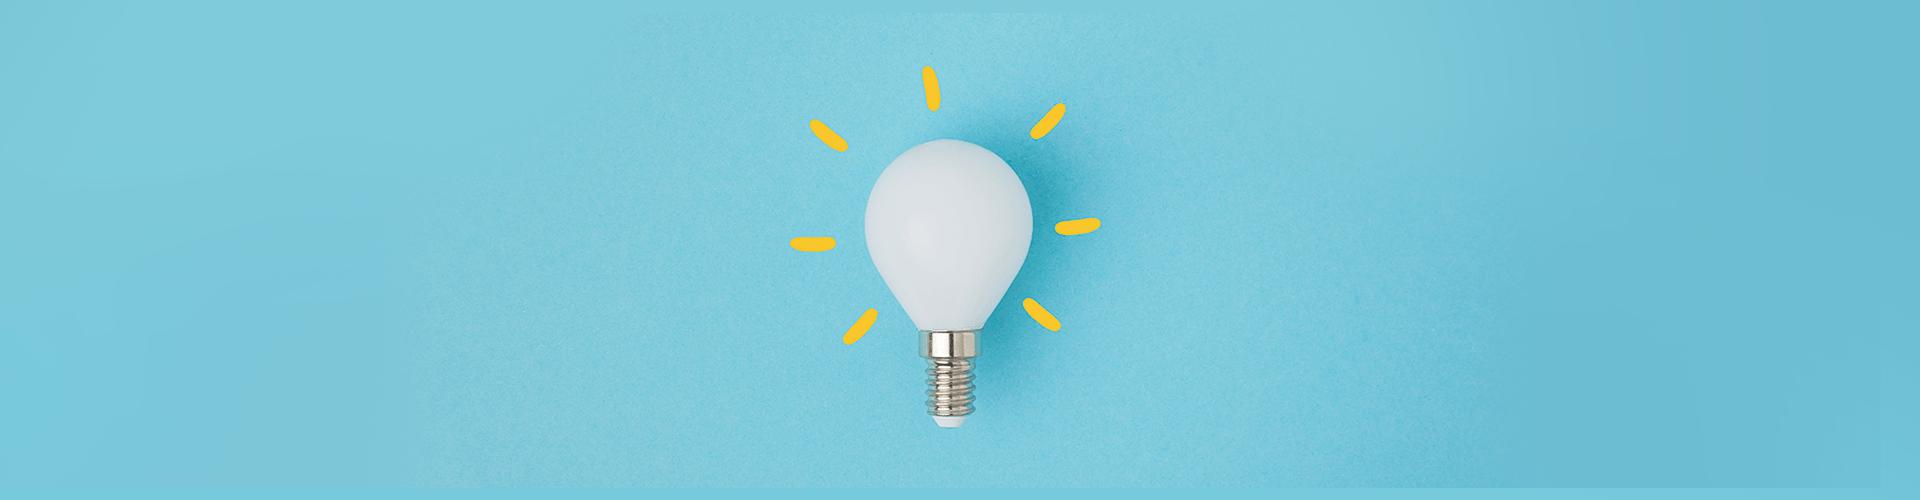 soft-skills, идея, лампочка